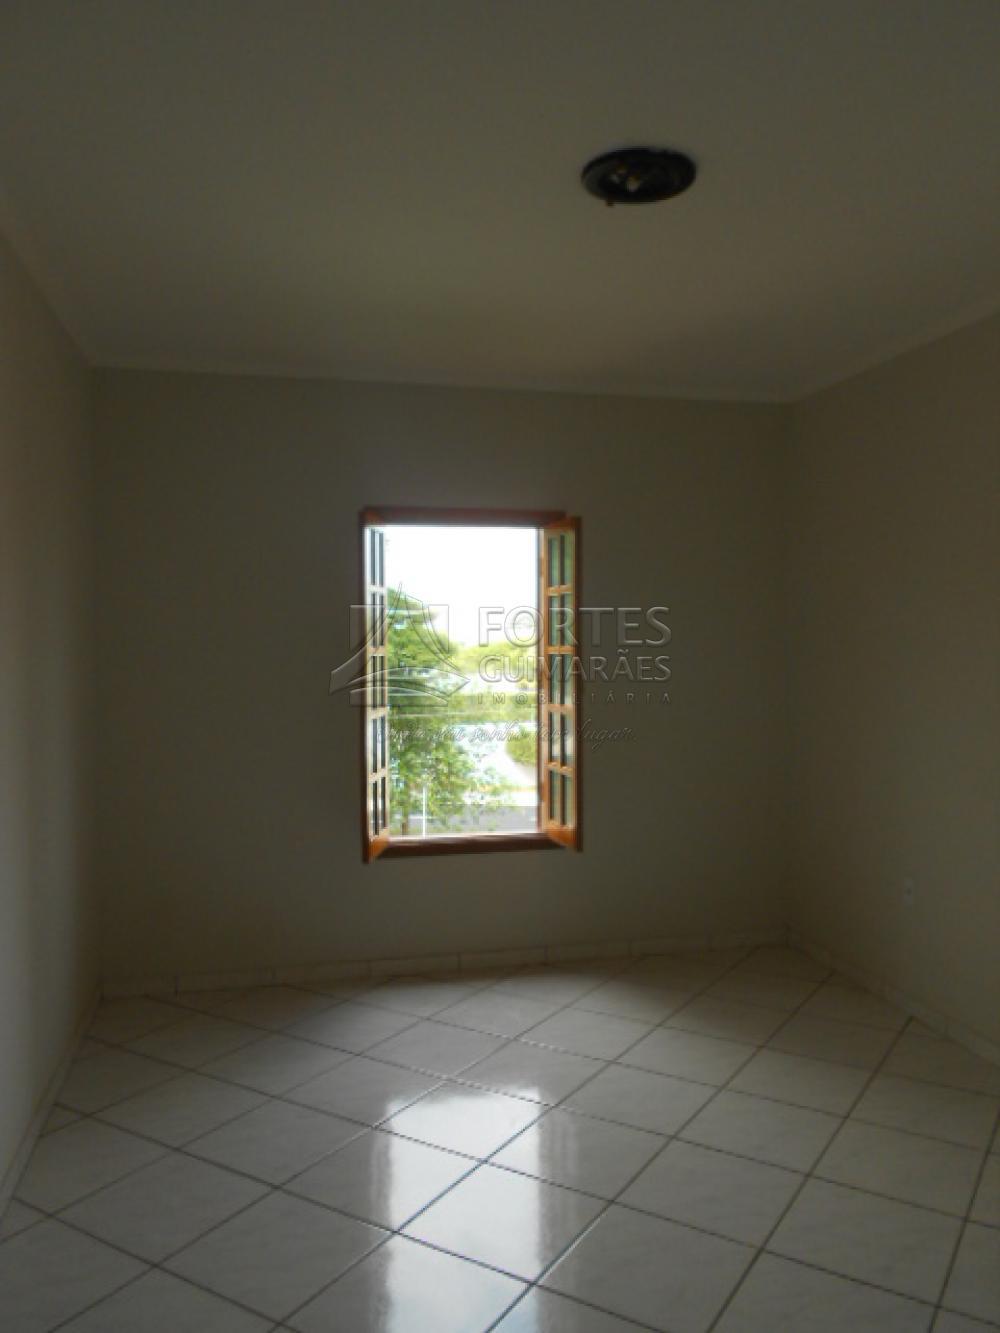 Alugar Casas / Padrão em Ribeirão Preto apenas R$ 12.000,00 - Foto 26